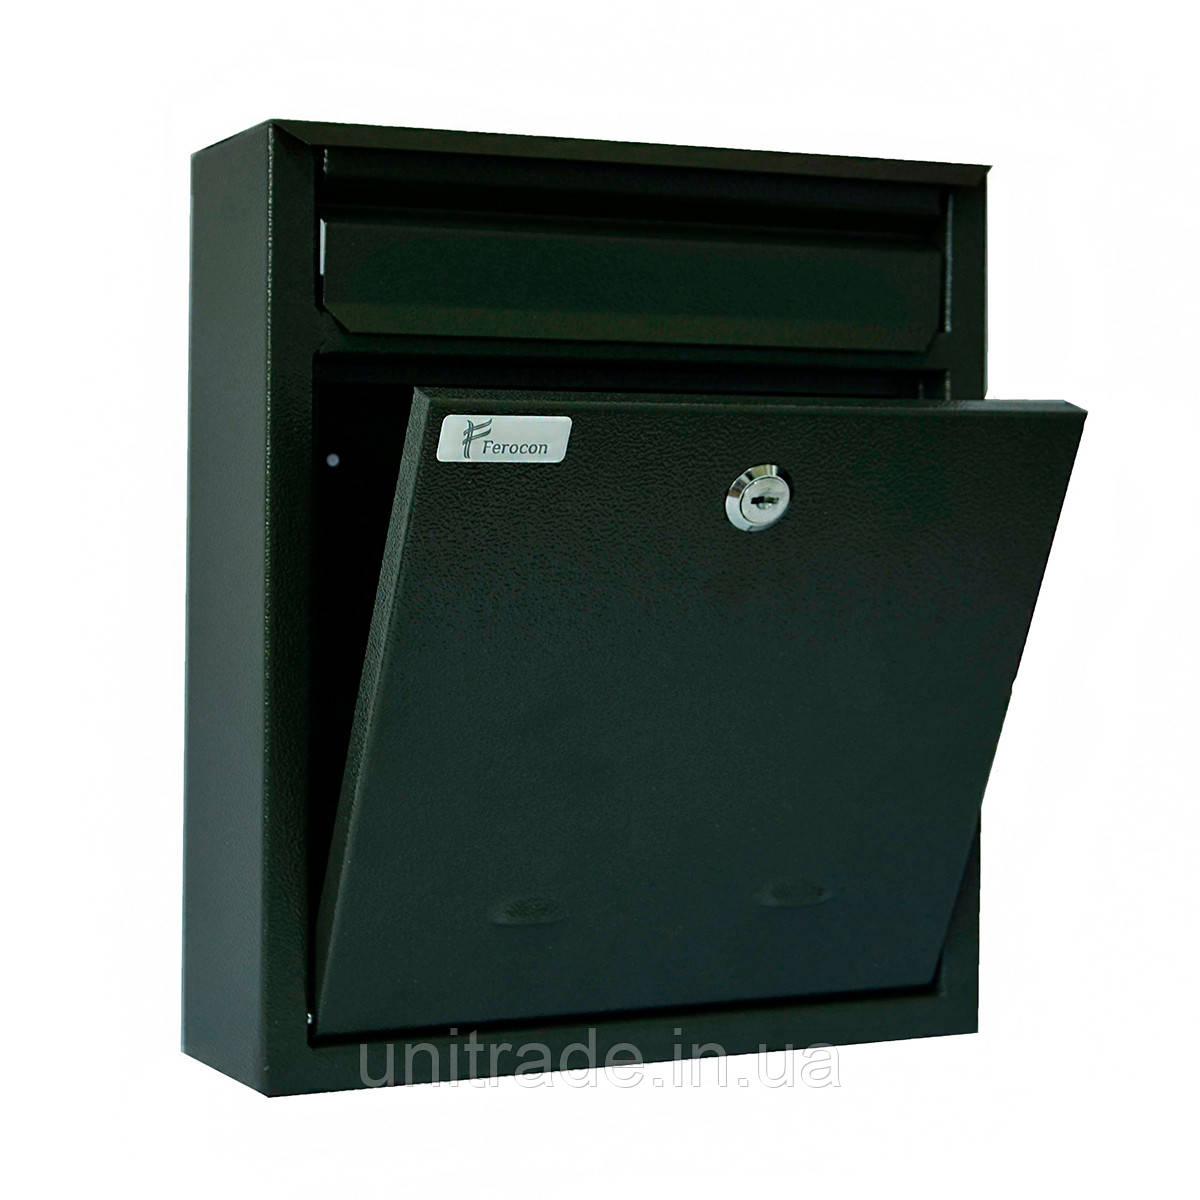 Ящик почтовый РВ-03 Ferocon, 26x38x7 см. серый